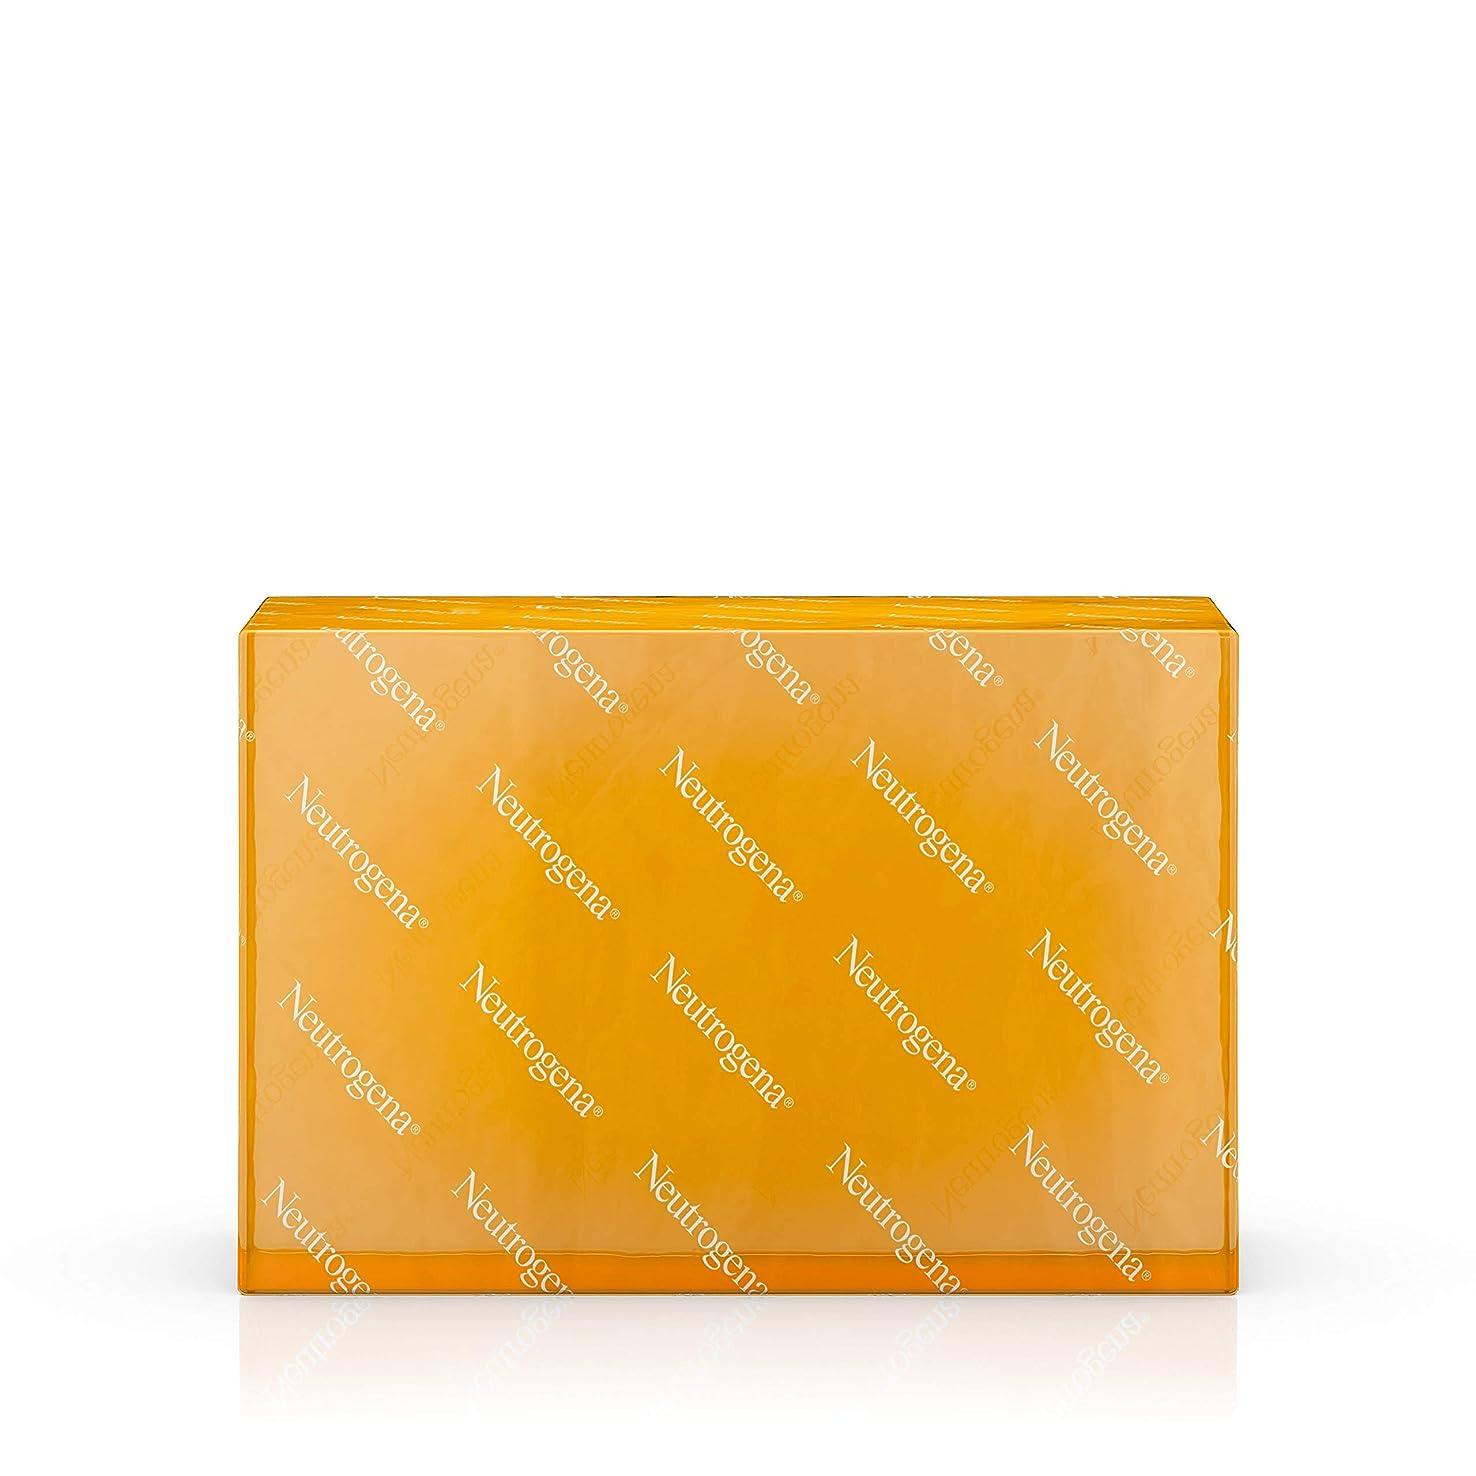 シンボル許すただ海外直送品 Neutrogena Neutrogena Transparent Facial Bar Soap Fragrance Free, Fragrance Free 3.5 oz